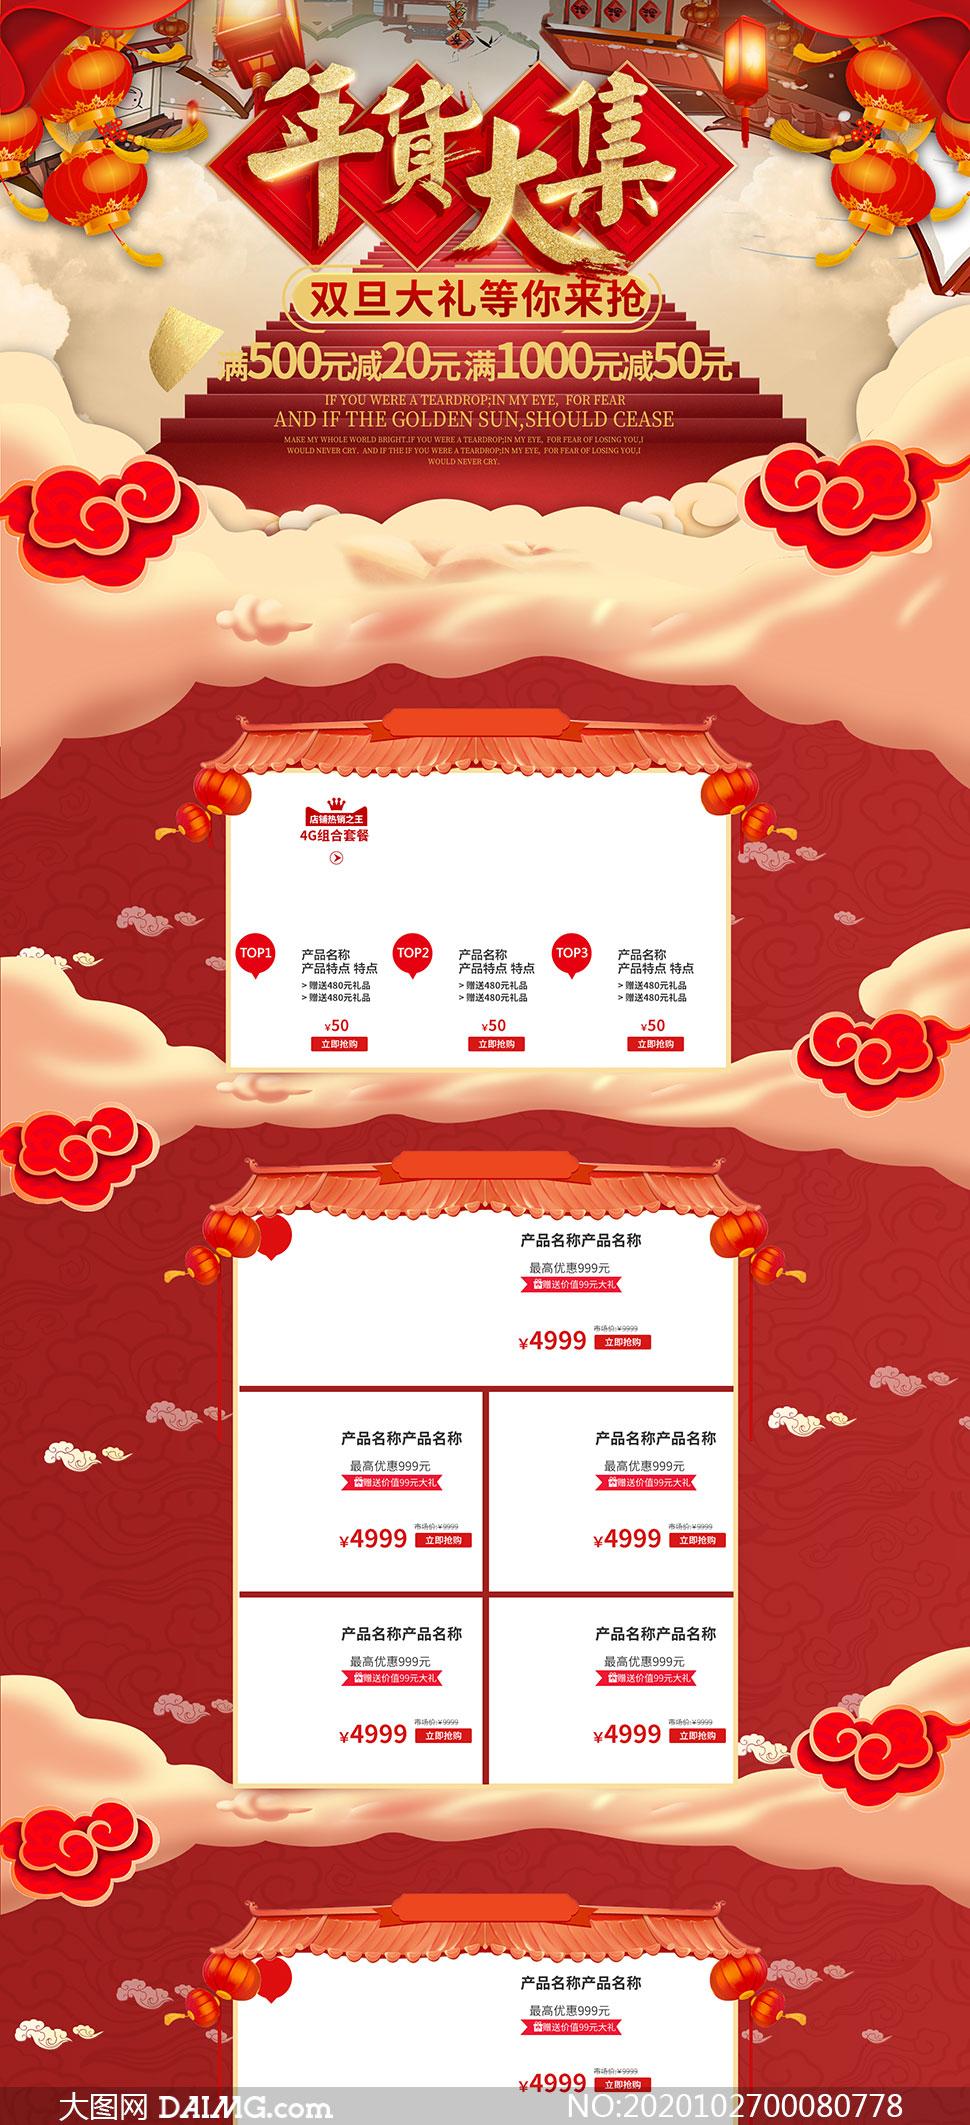 天猫年货大集首页设计模板PSD素材